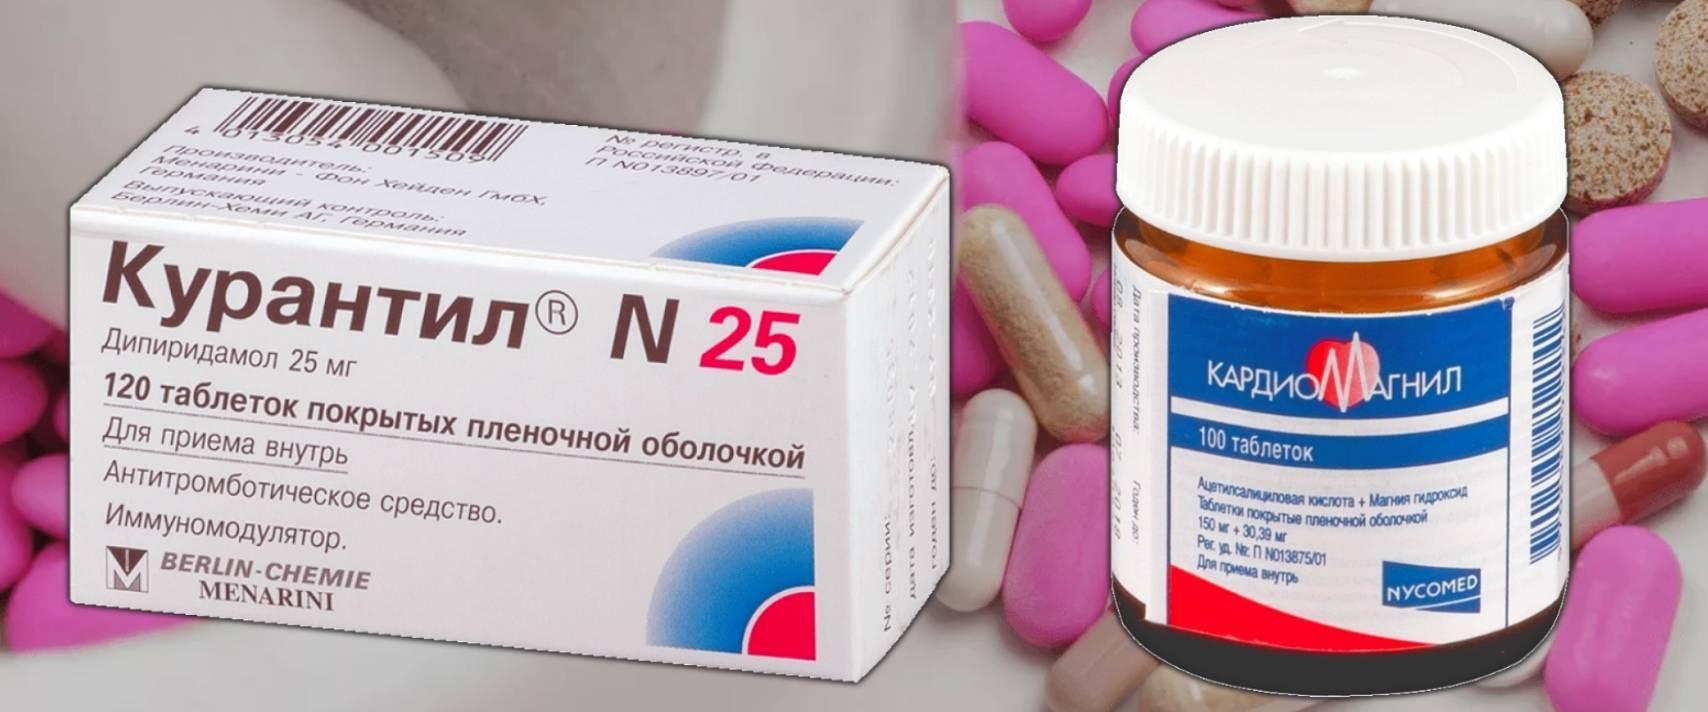 Кардиомагнил при беременности в 1, 2 и 3 триместре